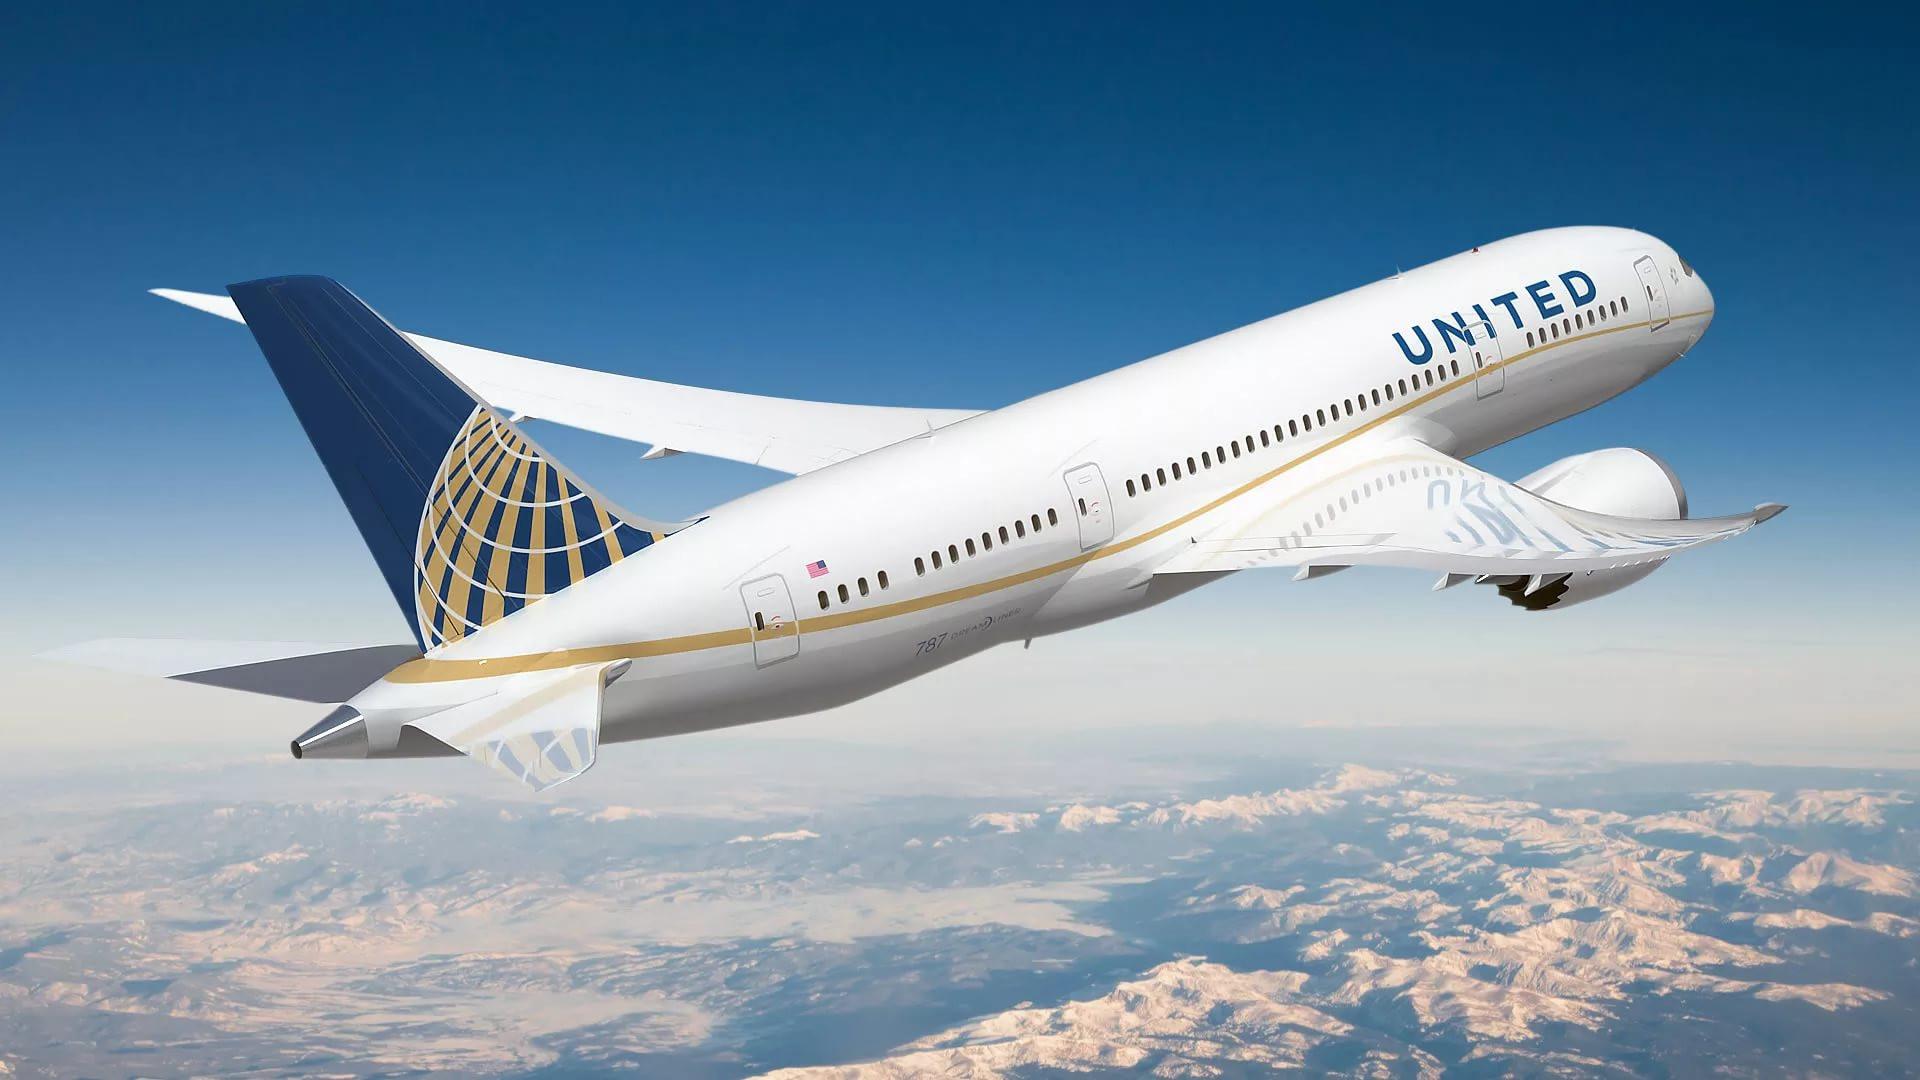 Наборту скандальной авиакомпании United Airlines вовремя перелета погиб гигантский кролик